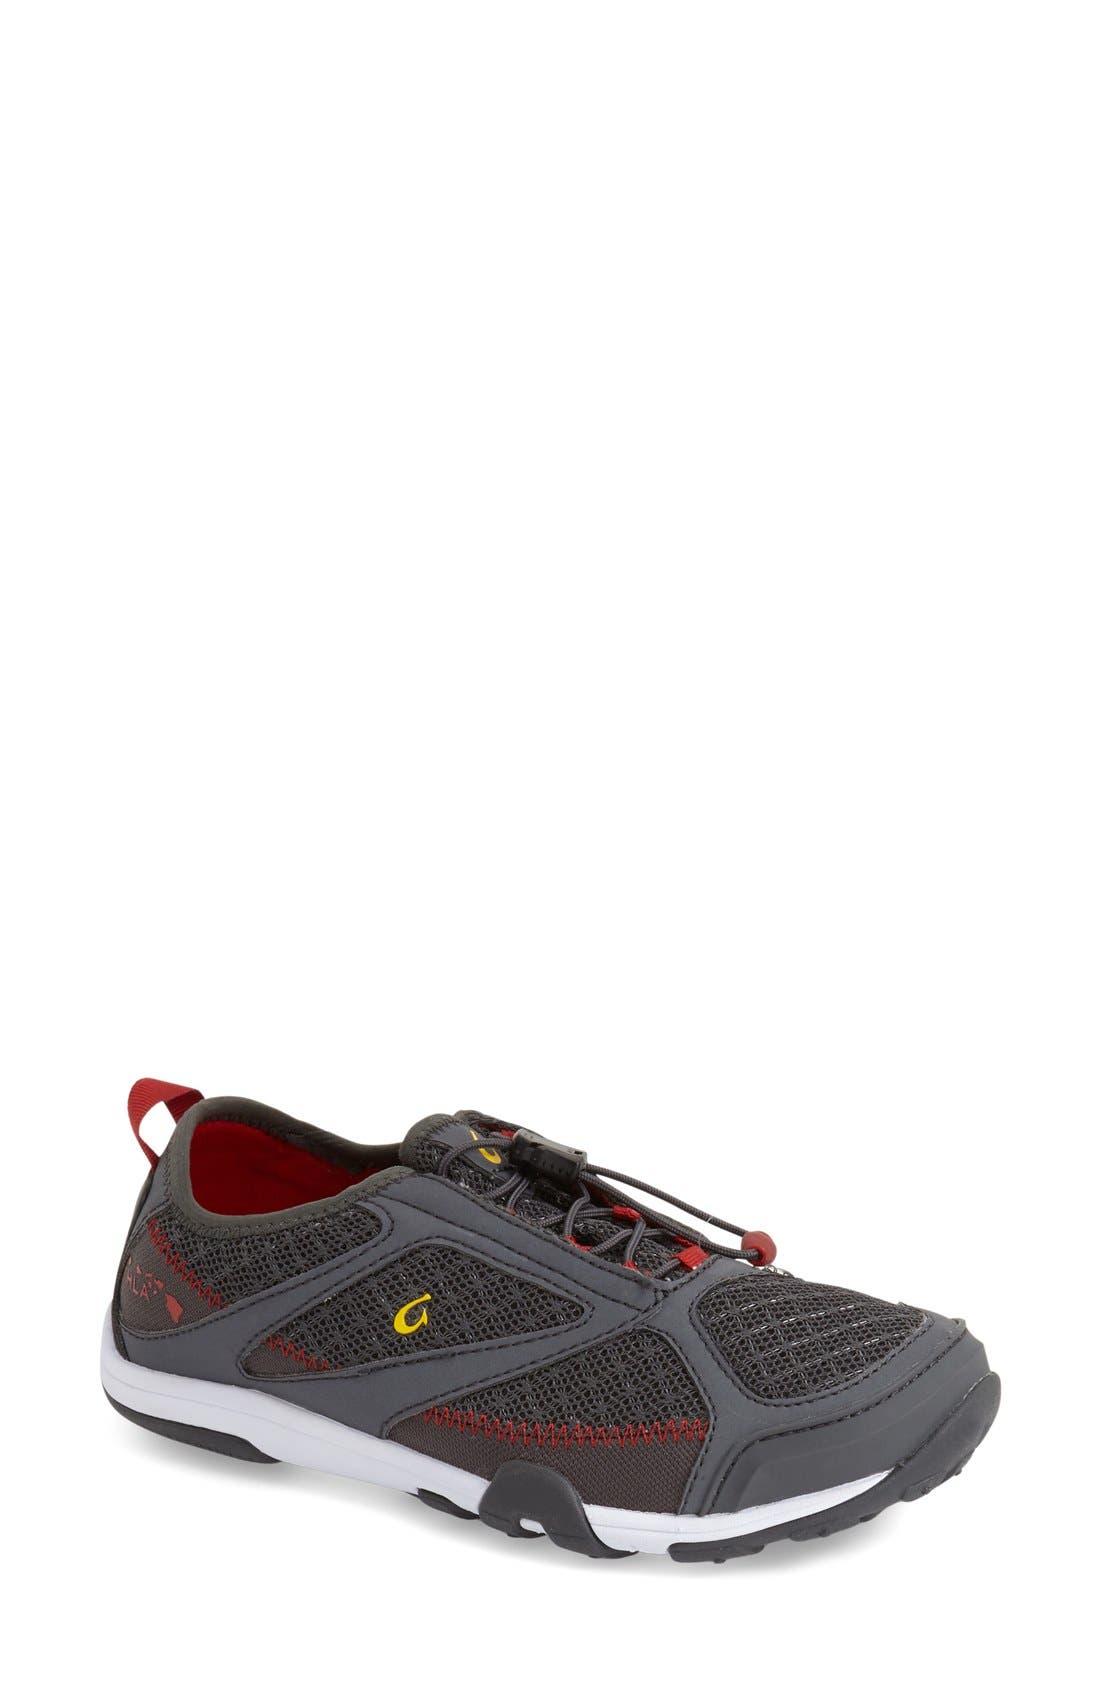 Alternate Image 1 Selected - OluKai 'Eleu' Water-Resistant Sneaker (Women)